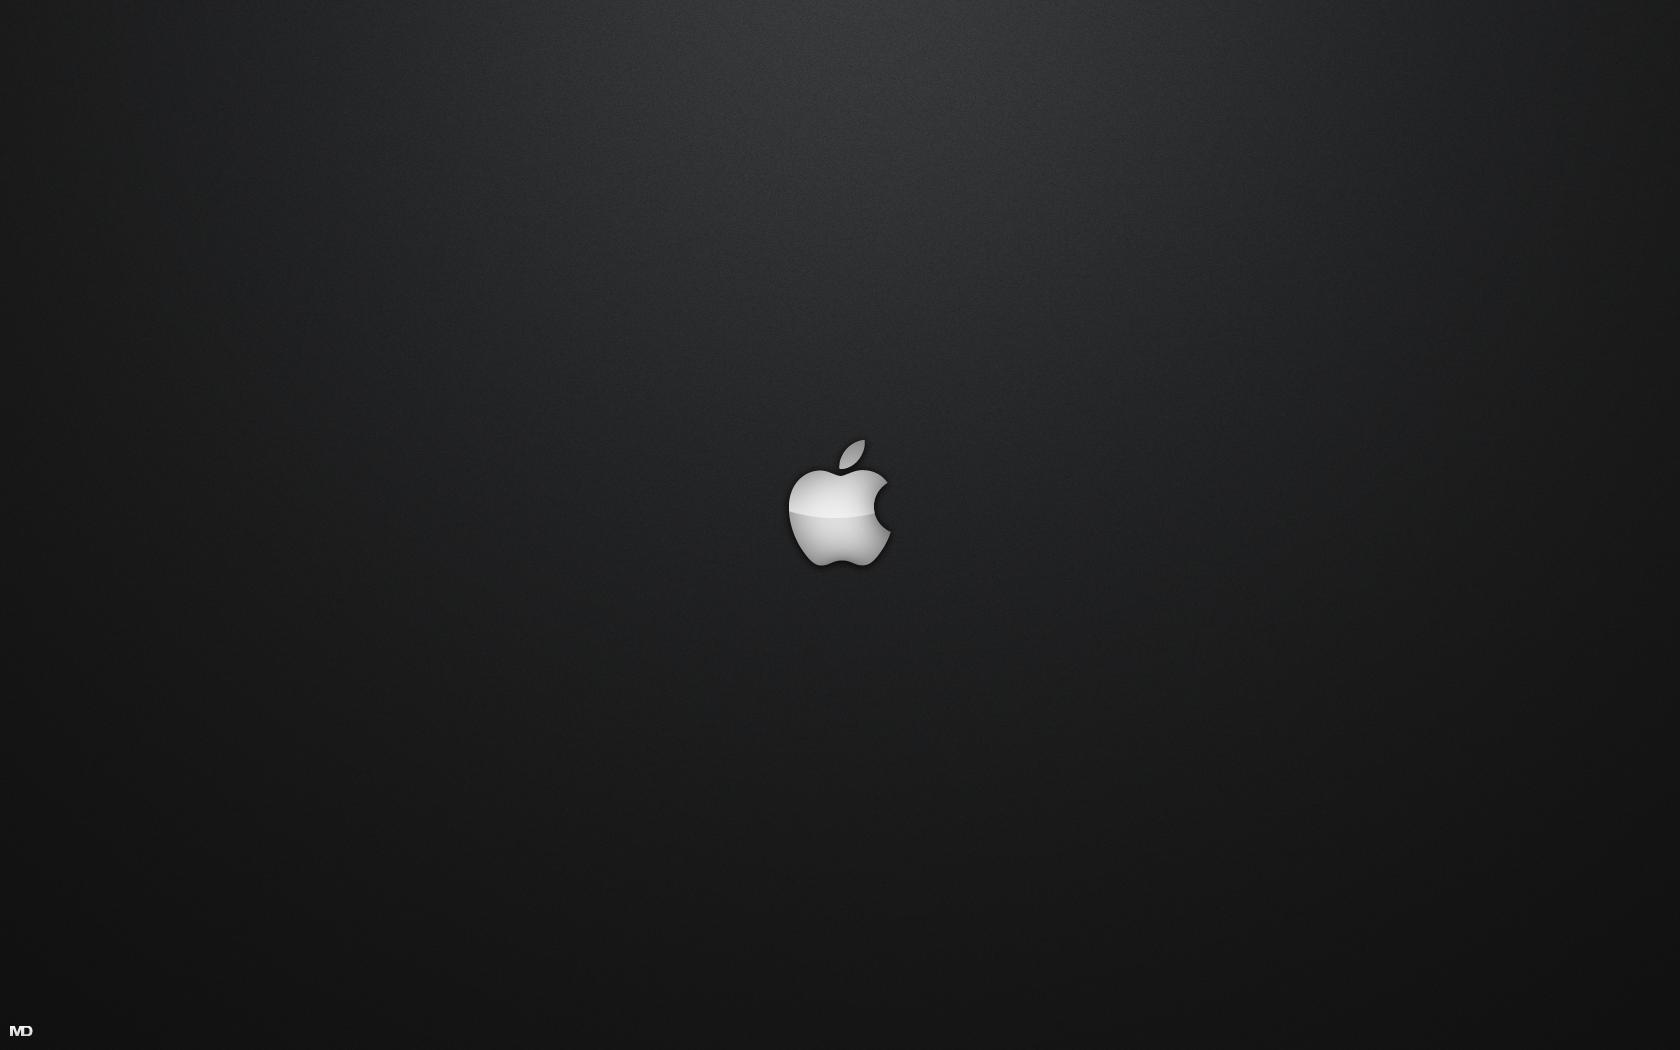 Обои яблоко, темный фон, apple. HI-Tech